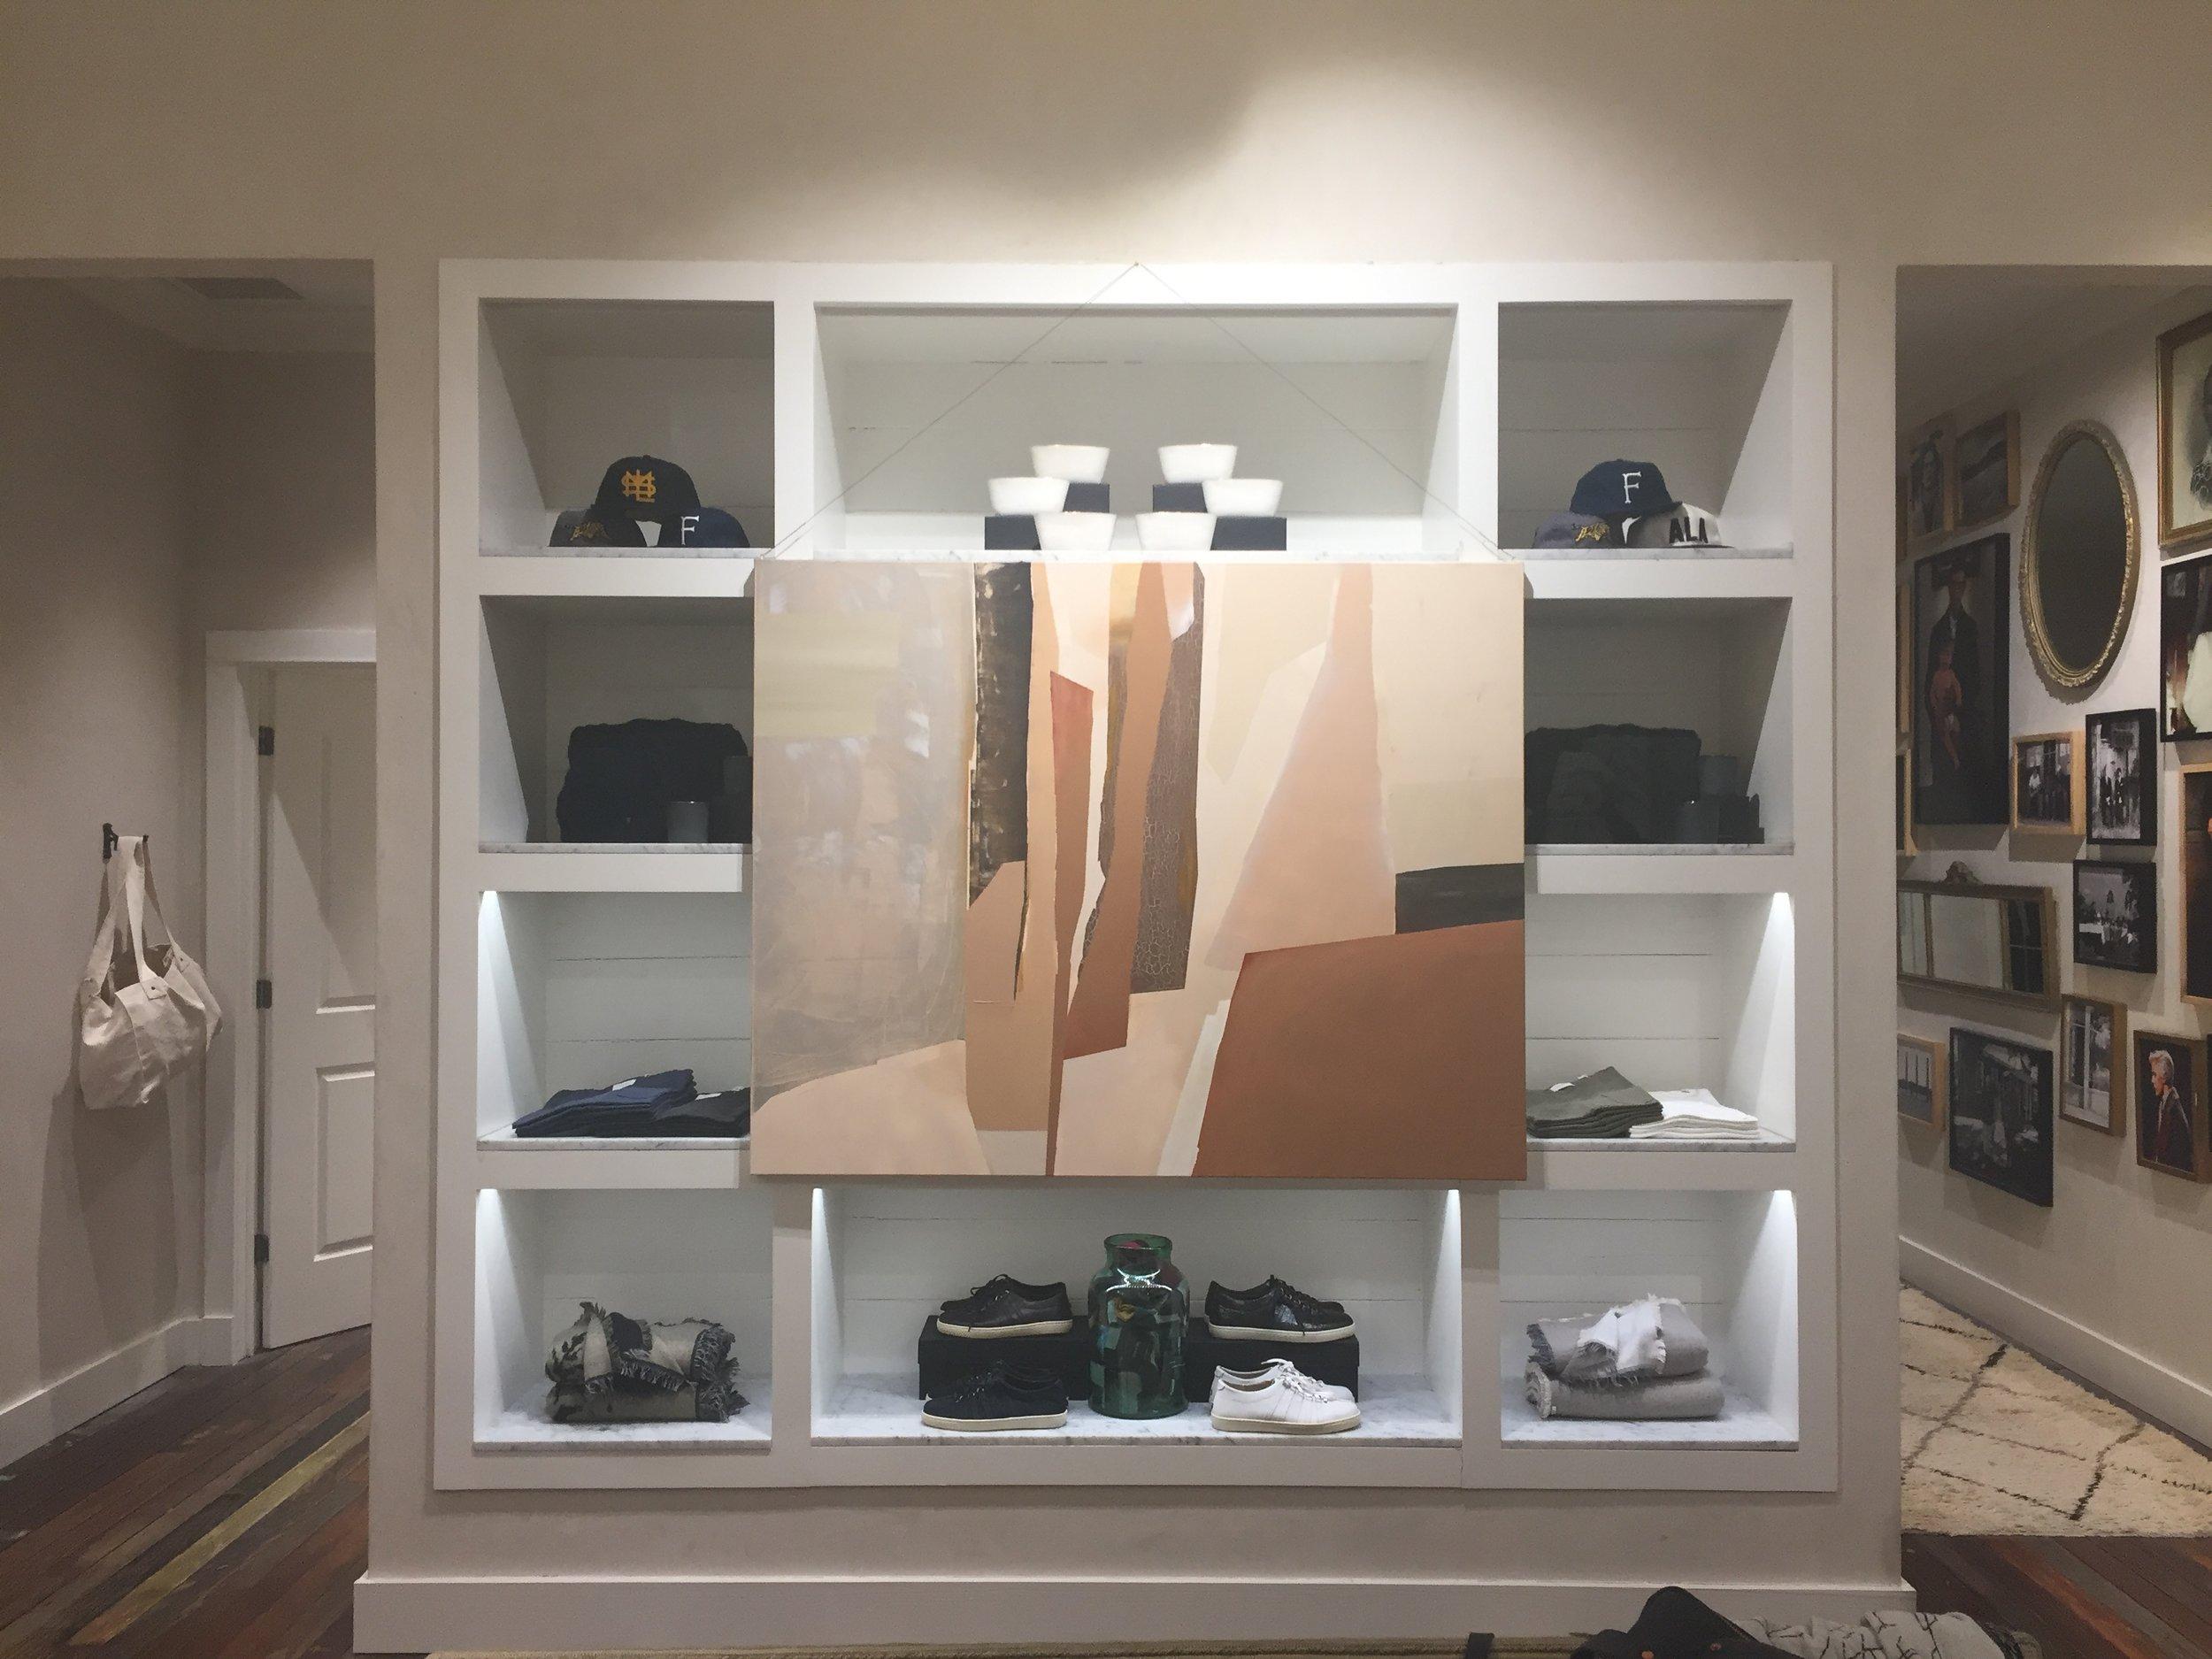 installation at Billy Reid, Buckhead, Atlanta 11.09